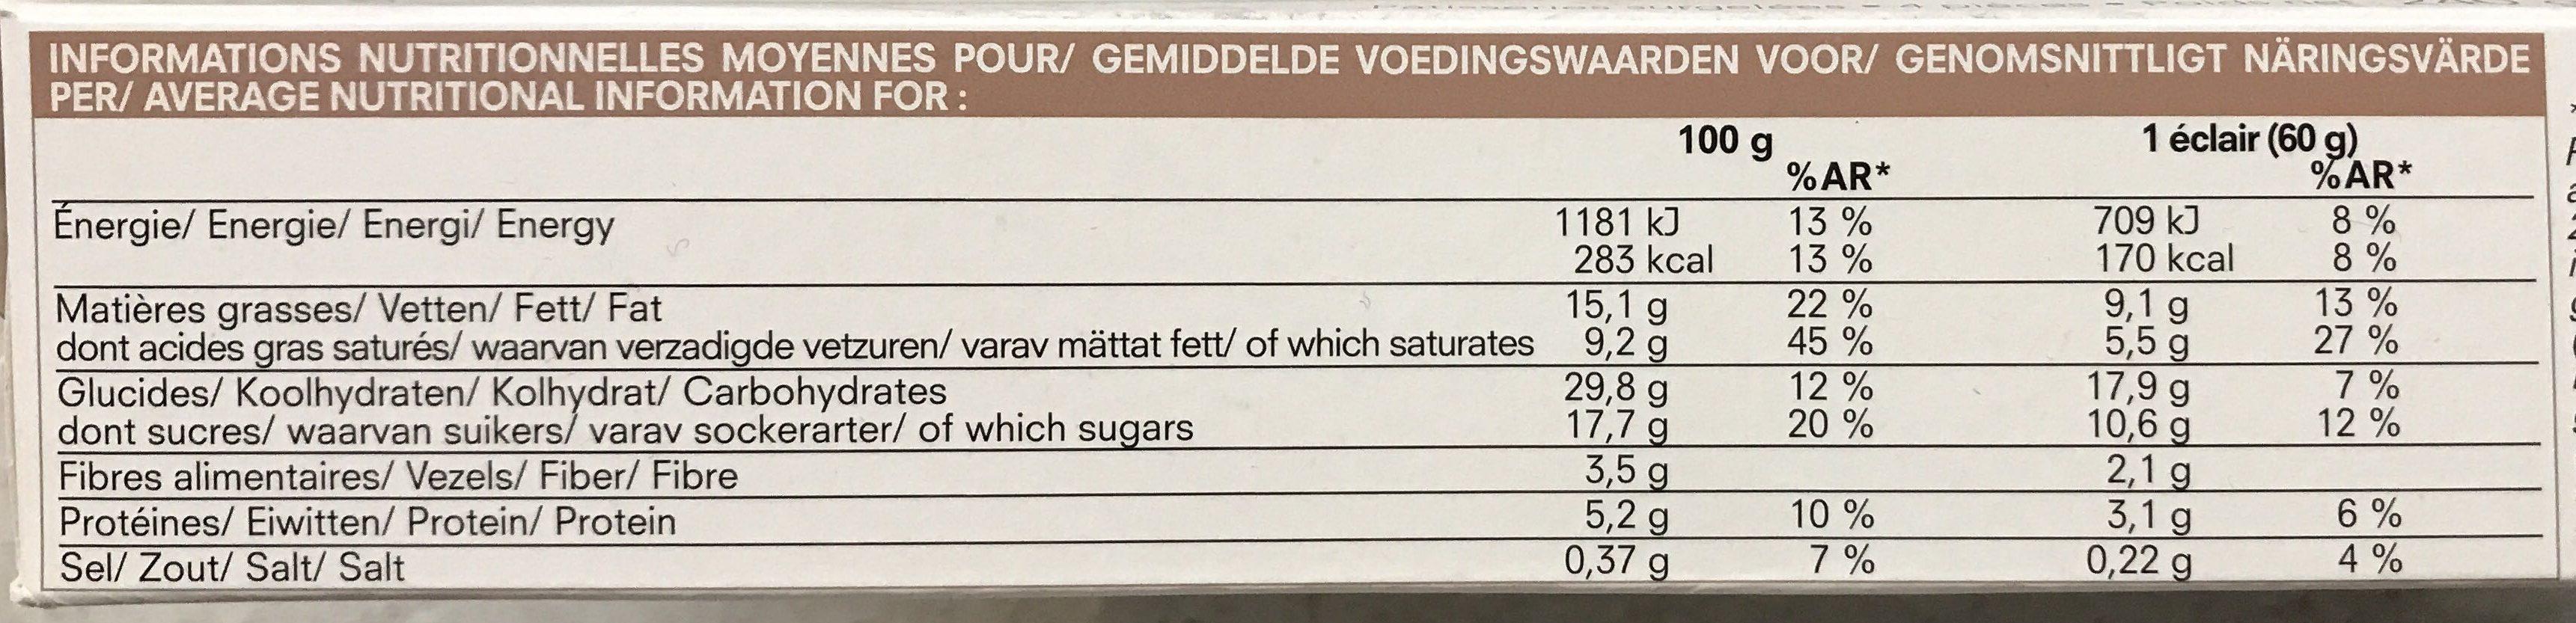 4 Éclairs au Chocolat - Informations nutritionnelles - fr